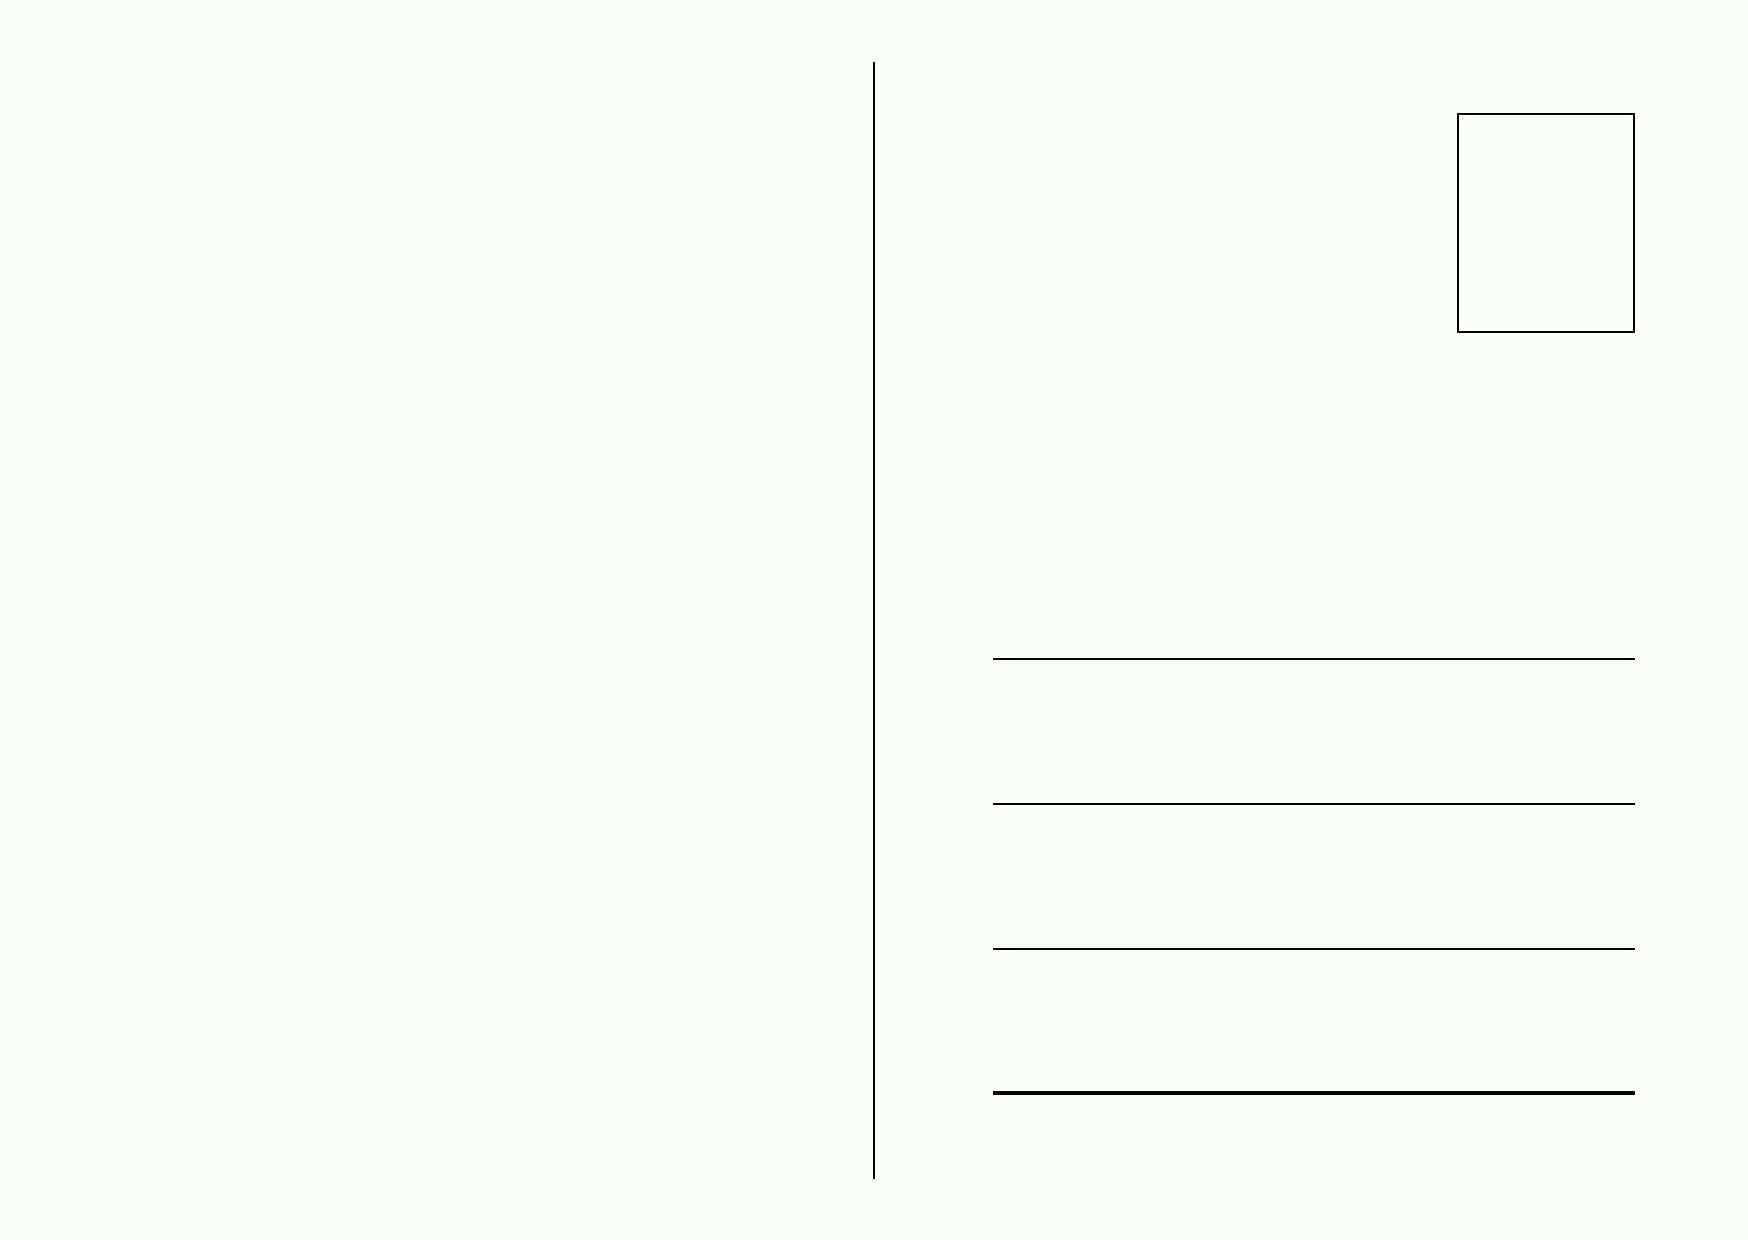 Download Kostenlos Vorlagen Zum Selbst Gestalten Von Postkarten Einladungskarten Selbst Gestalten Ohne Vorlage